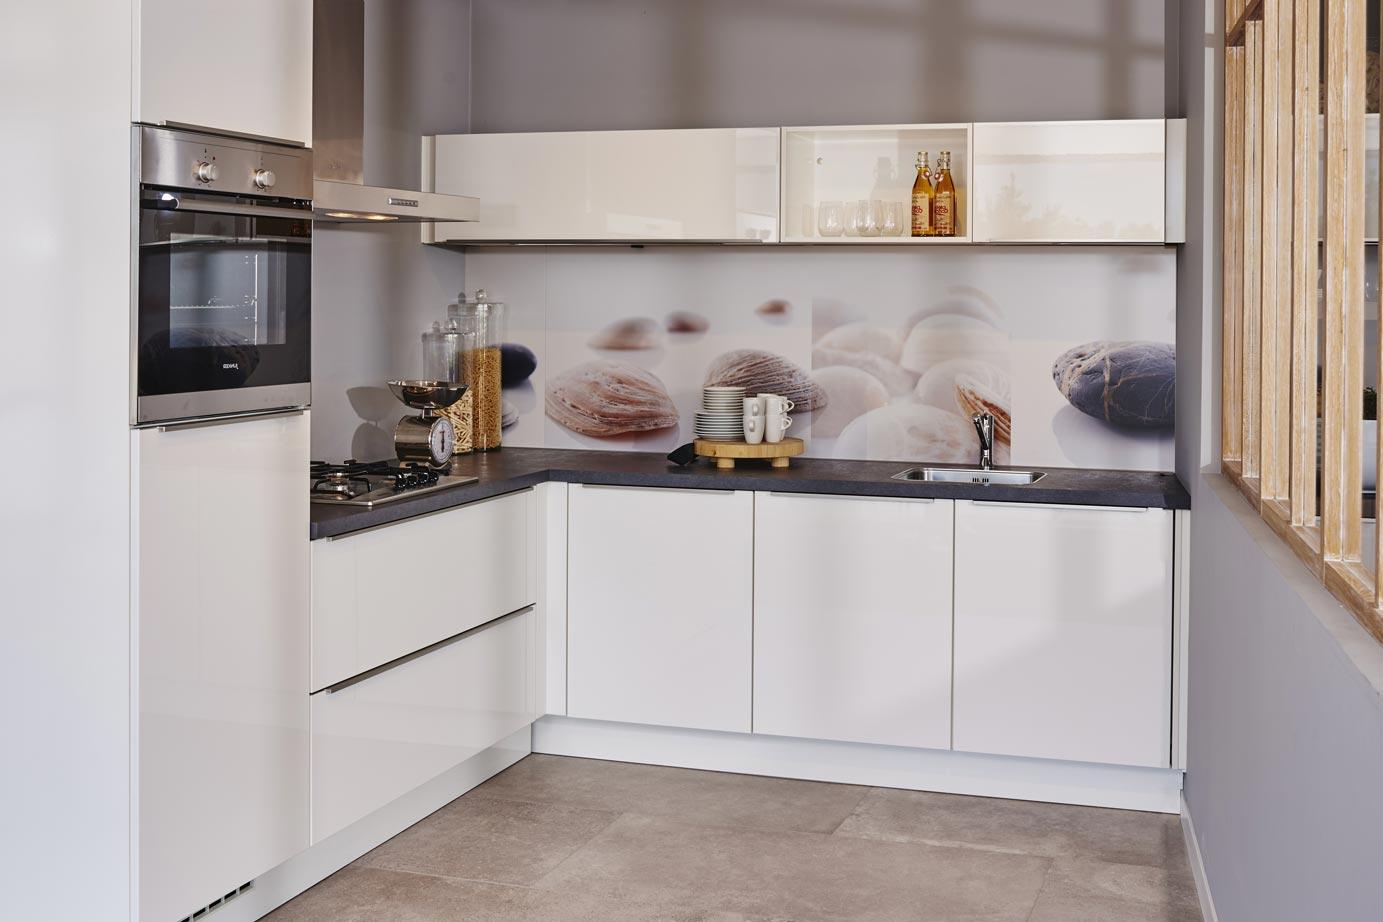 Alle keuken voorbeelden bekijk de grote collectie keukens db